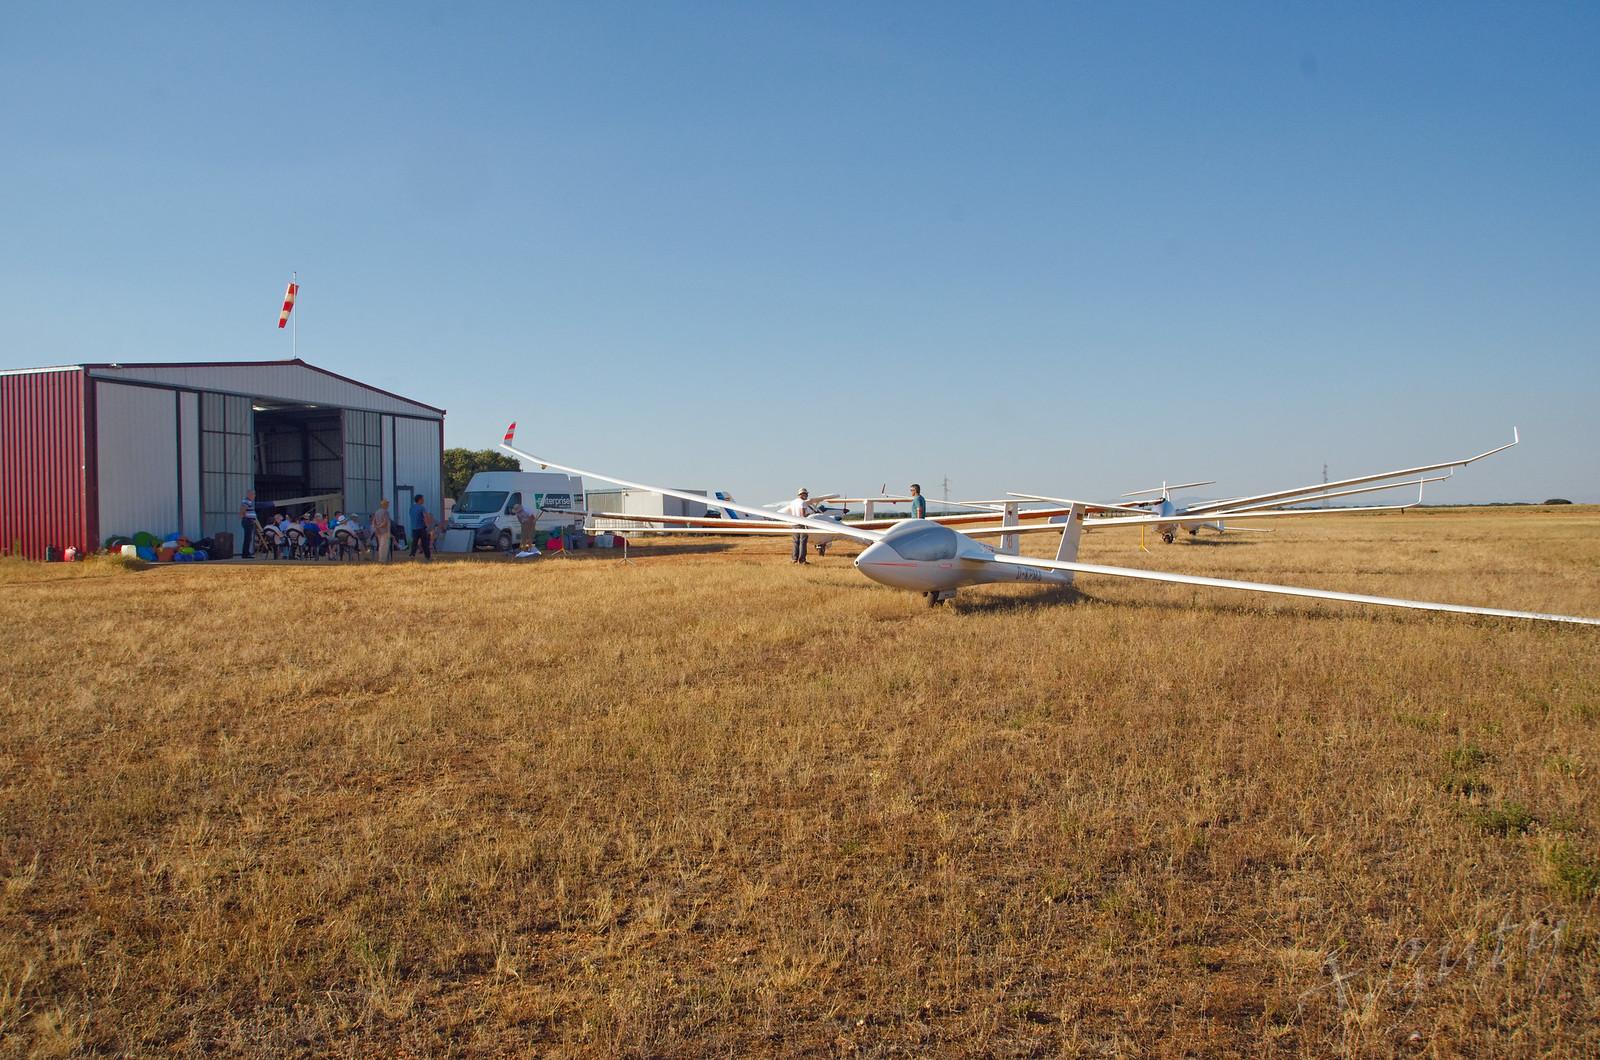 Visita MOTOVELEROS Aerodromo de Astorga 16-7-17  (7)